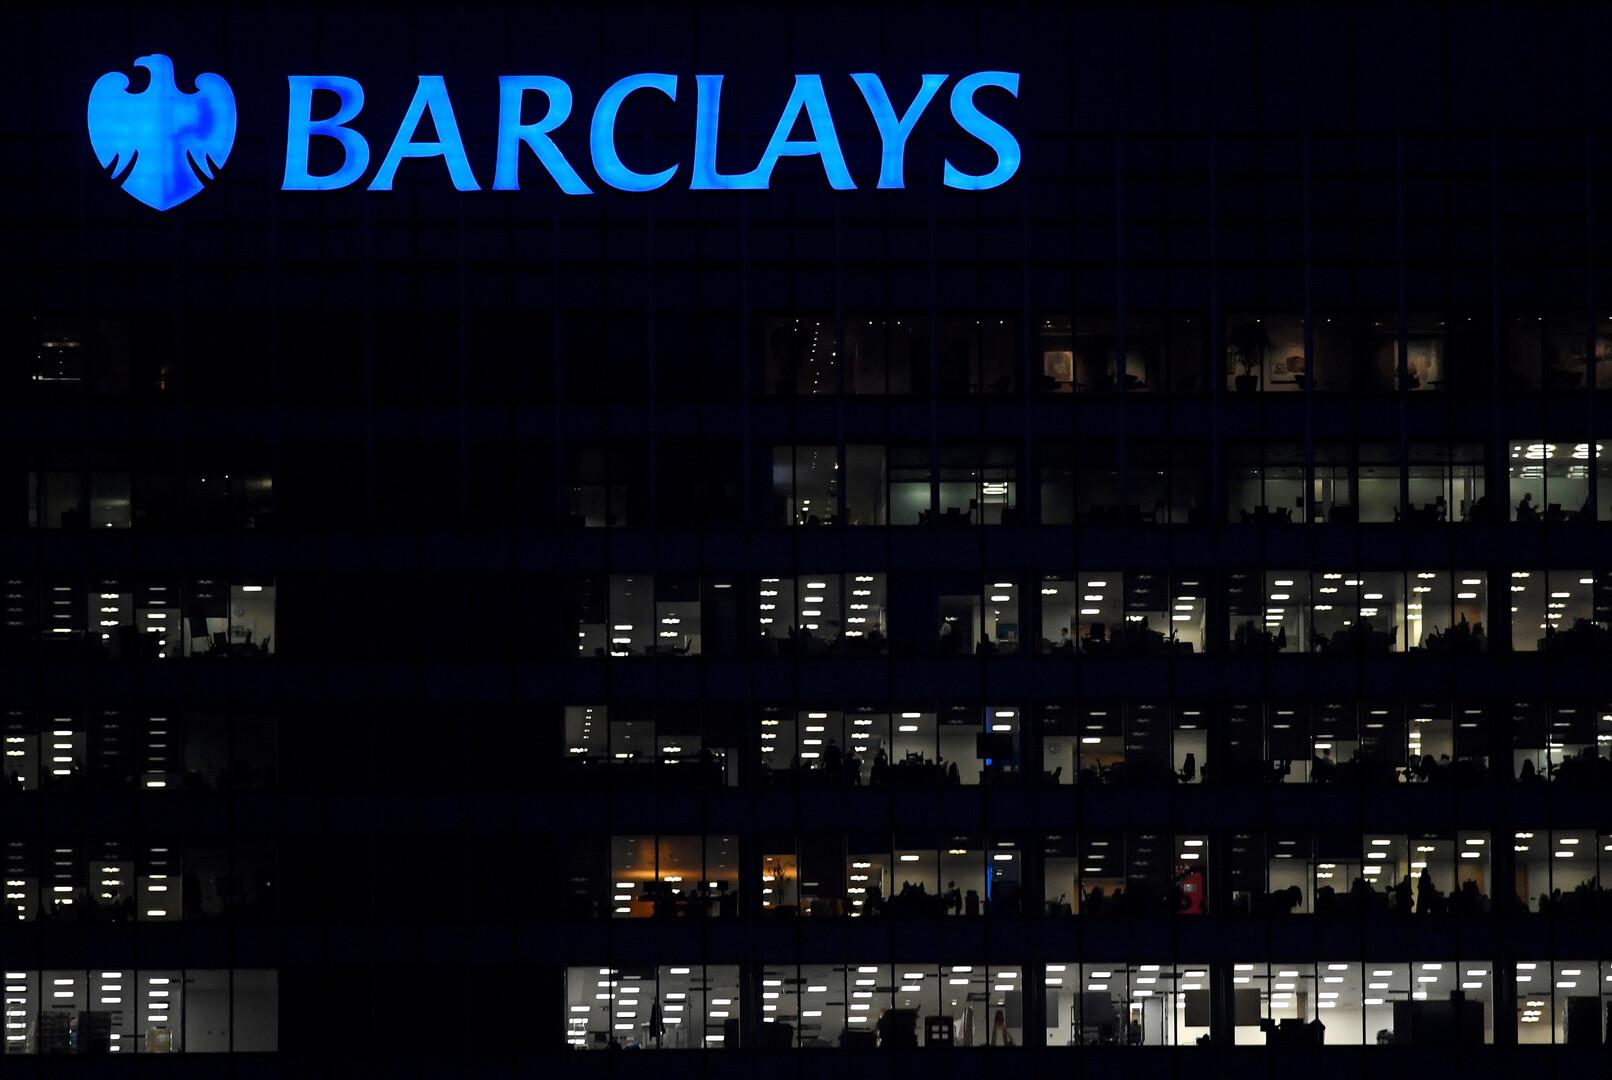 مصرفيون سابقون في باركليز كذبوا عن رسوم قطرية في 2008